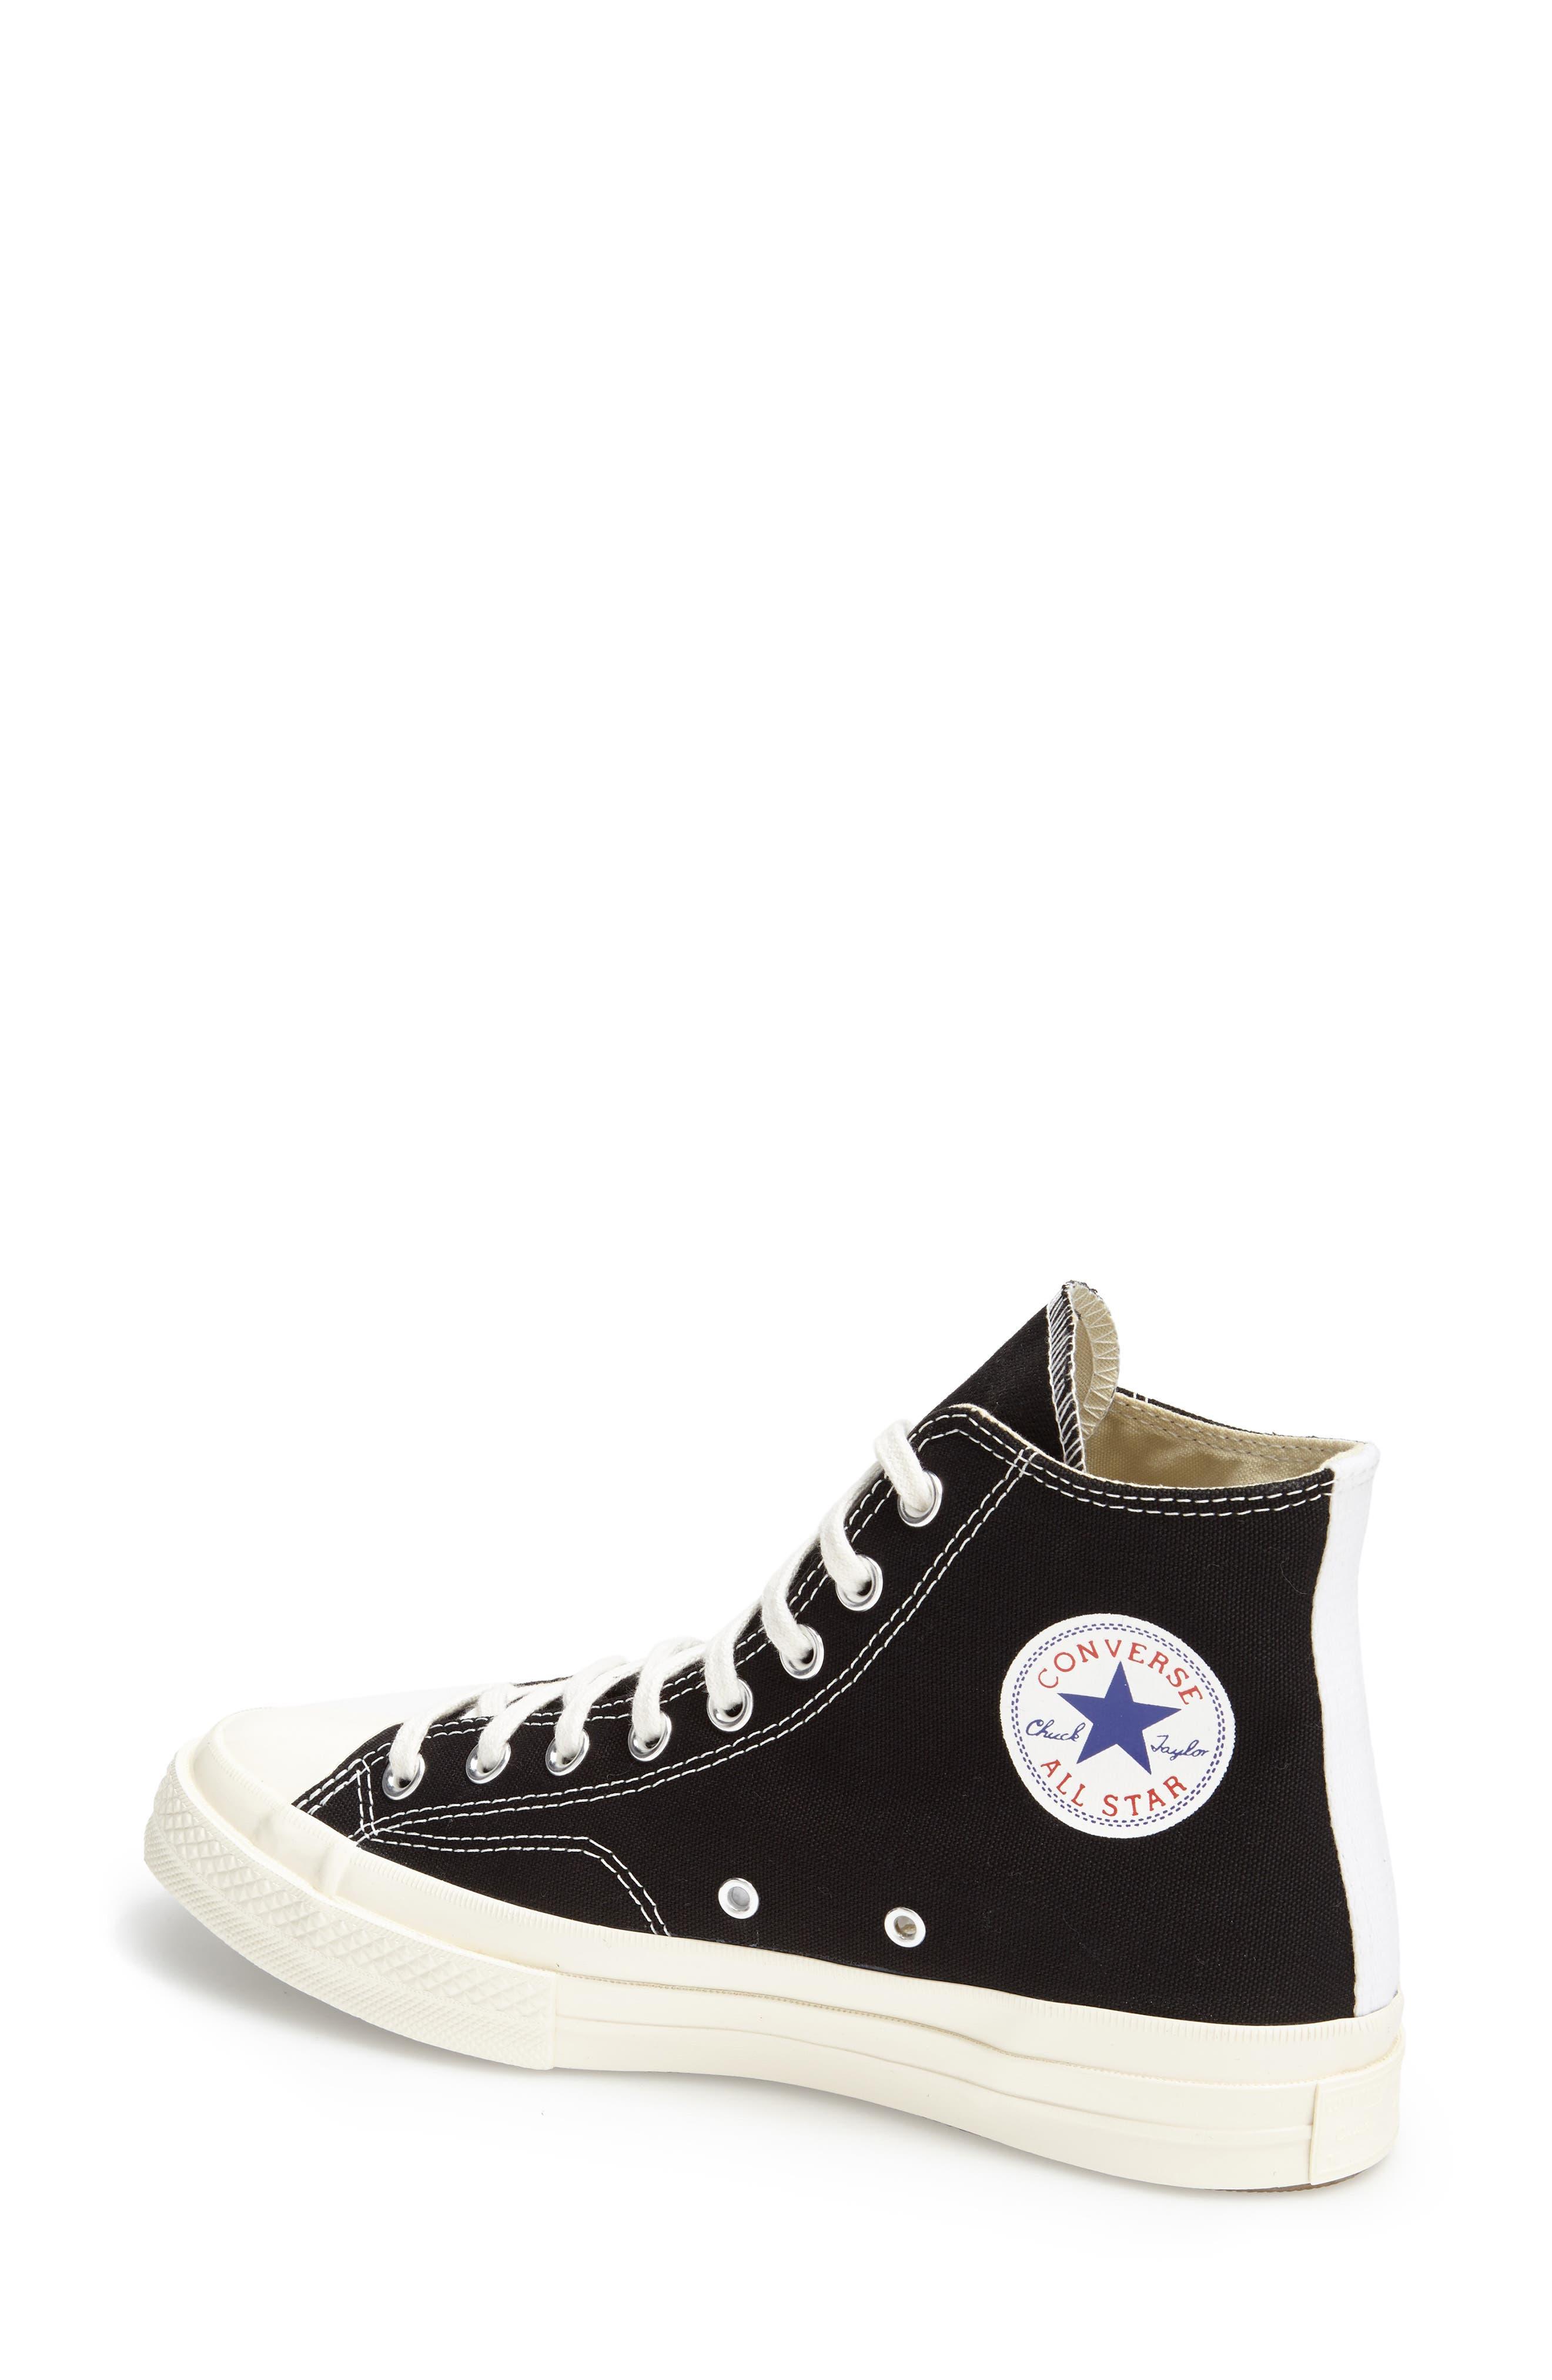 x Converse Chuck Taylor<sup>®</sup> Hidden Heart High Top Sneaker,                             Alternate thumbnail 2, color,                             001